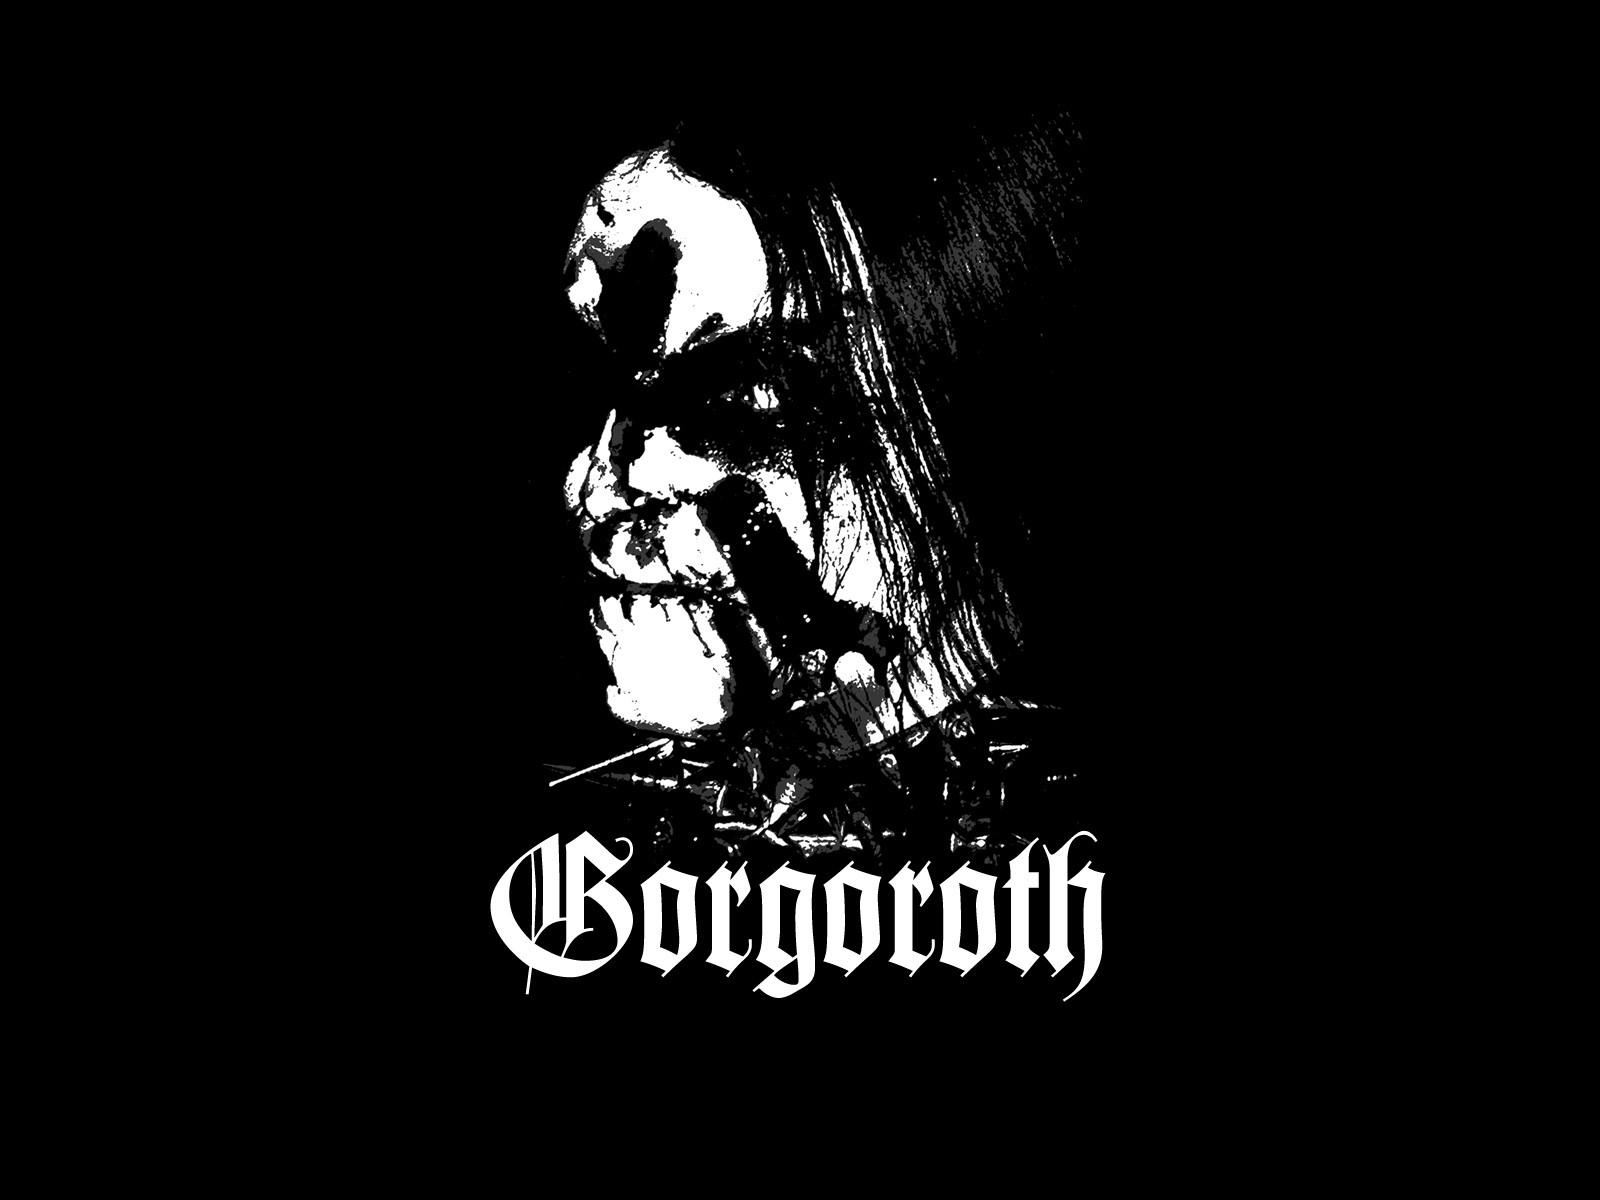 Schwarzes Metall hintergrundbilder illustration schwarzer hintergrund typografie